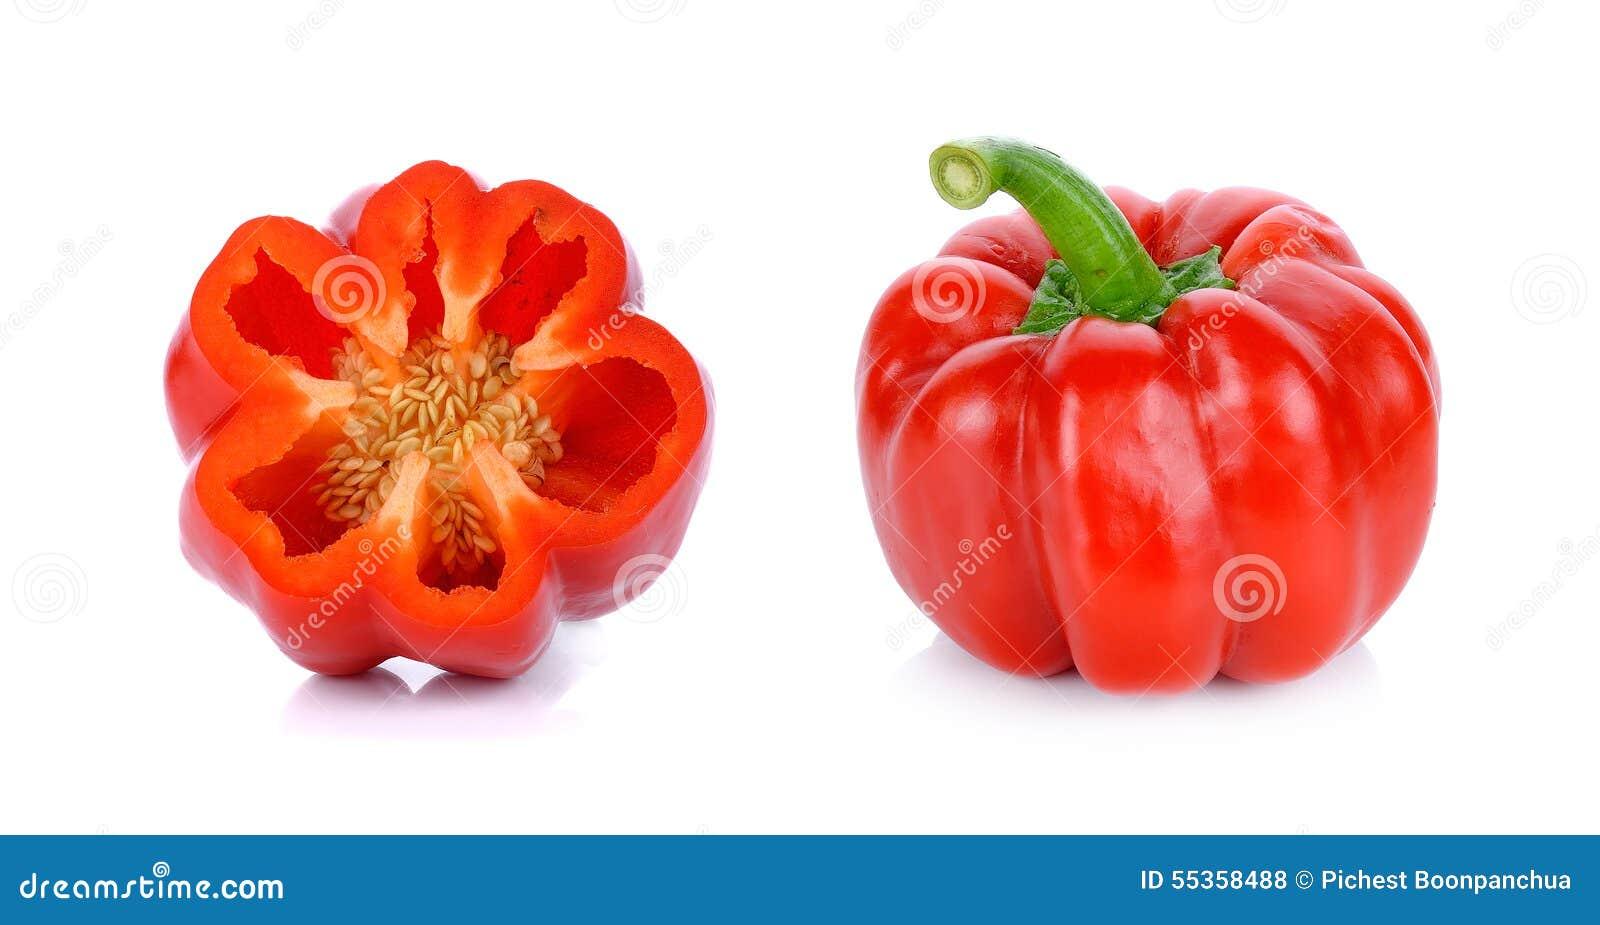 Paprica rossa isolata sui precedenti bianchi